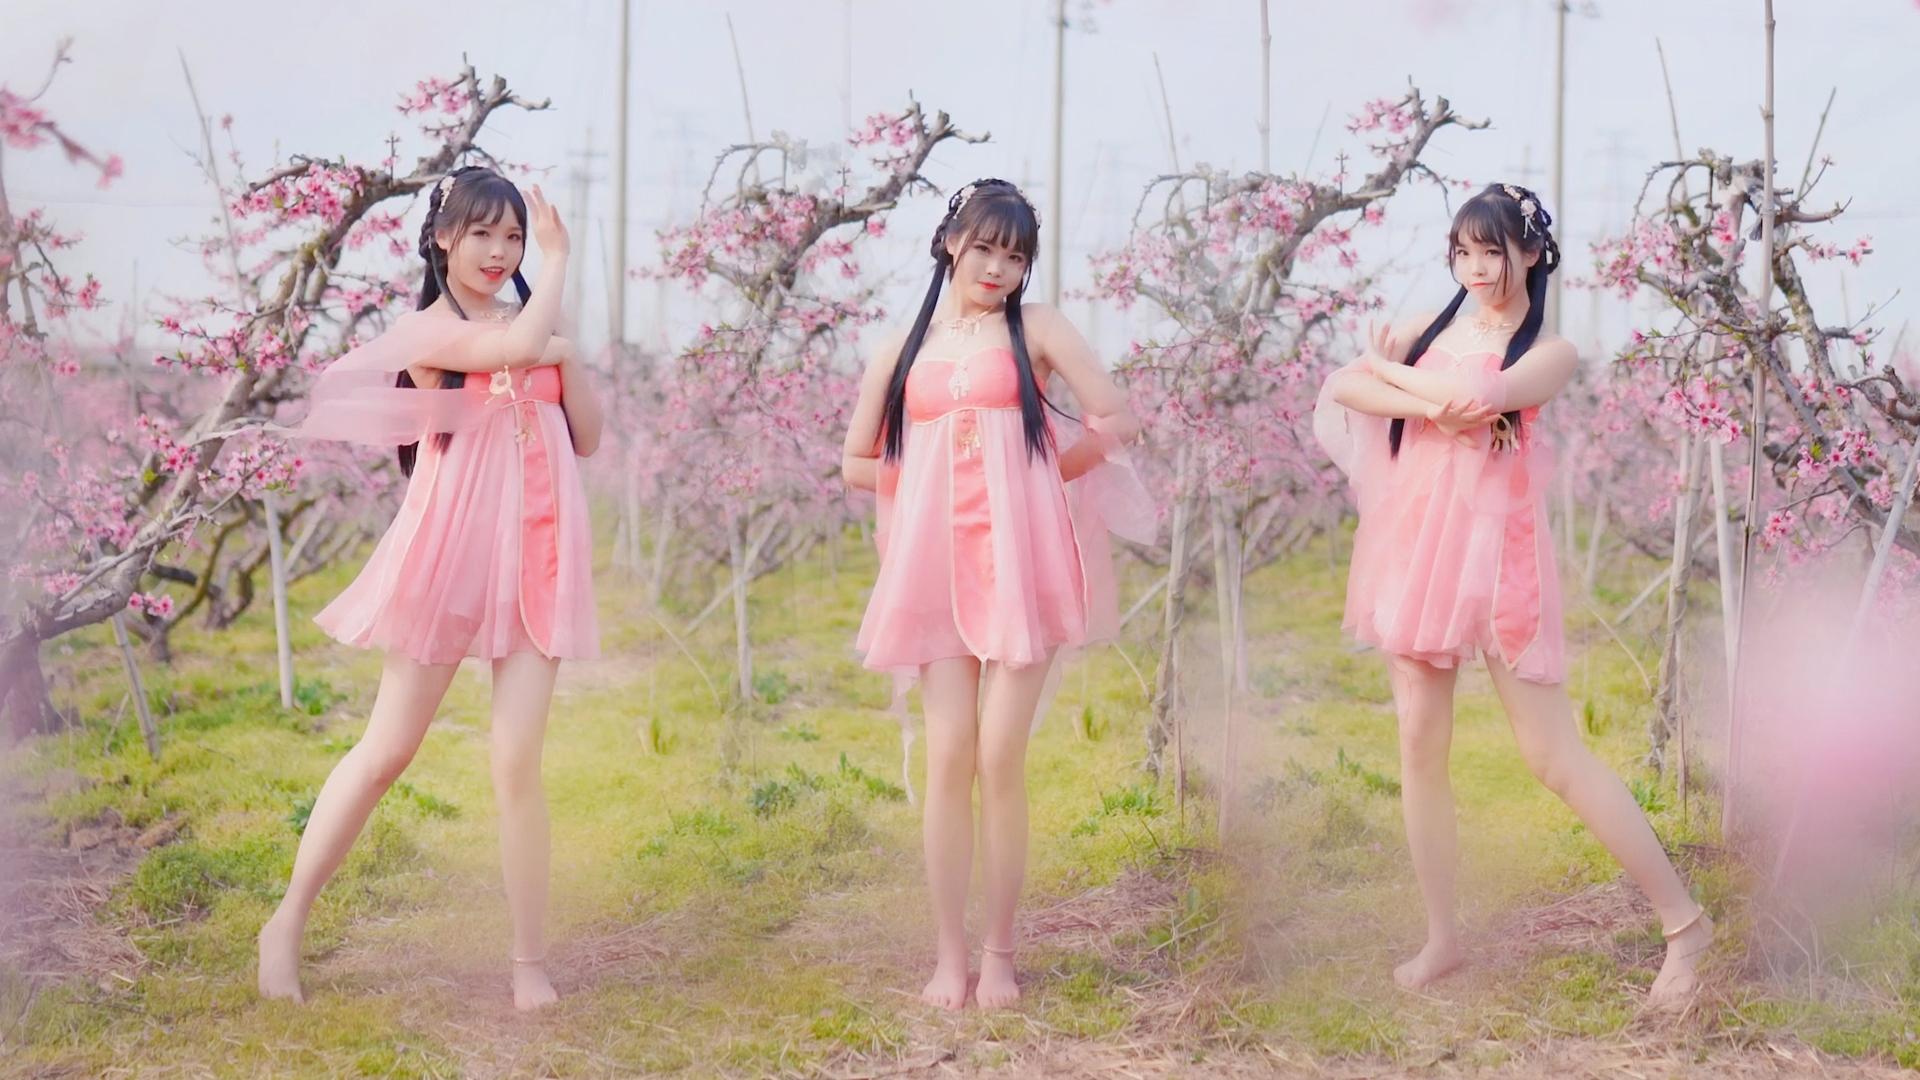 【万圣可爱鬼】【慕】粉嫩桃花,光jio的霜降~